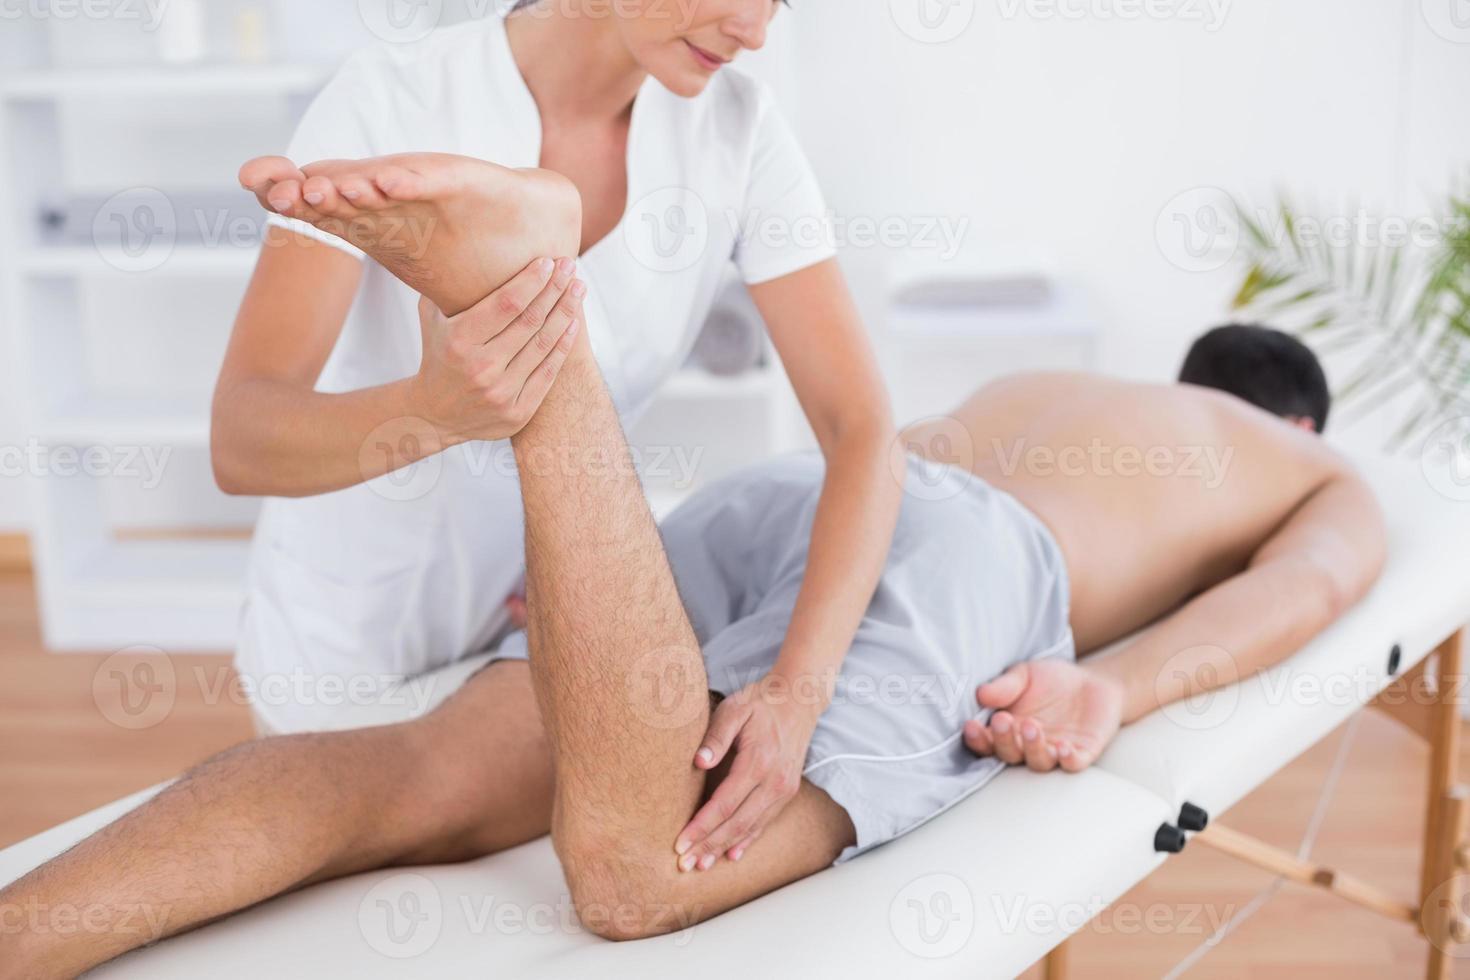 fisioterapeuta haciendo masaje de piernas a su paciente foto